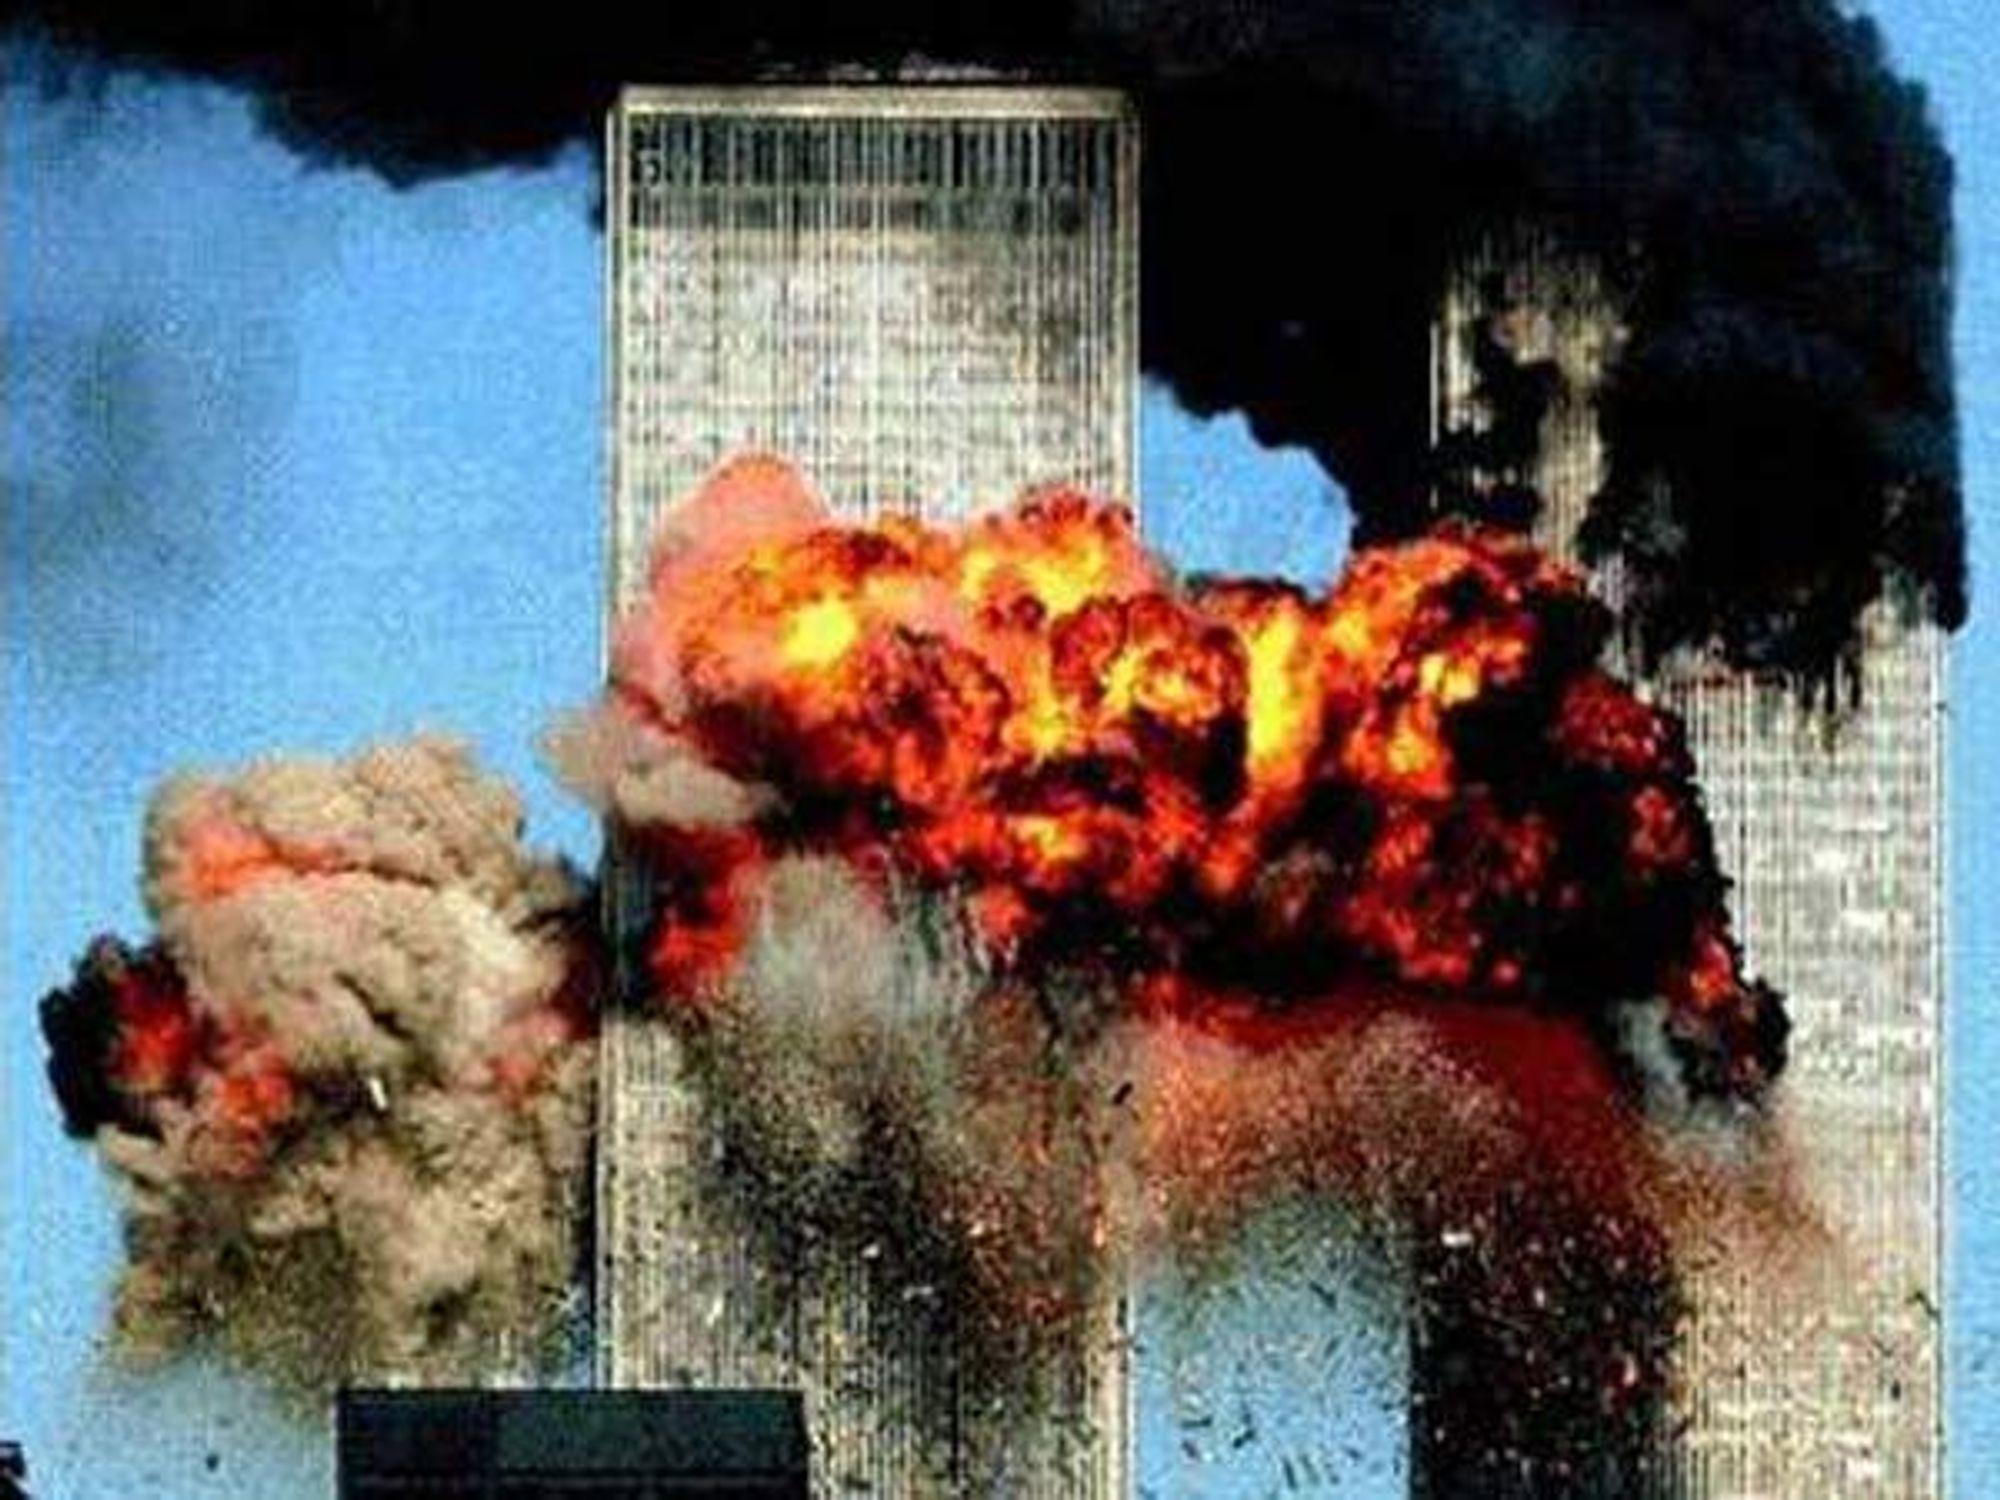 FANT IKKE TRAPPENE: Mange av de som evakuerte WTC-tårnene, visste ikke hvor trappene var.